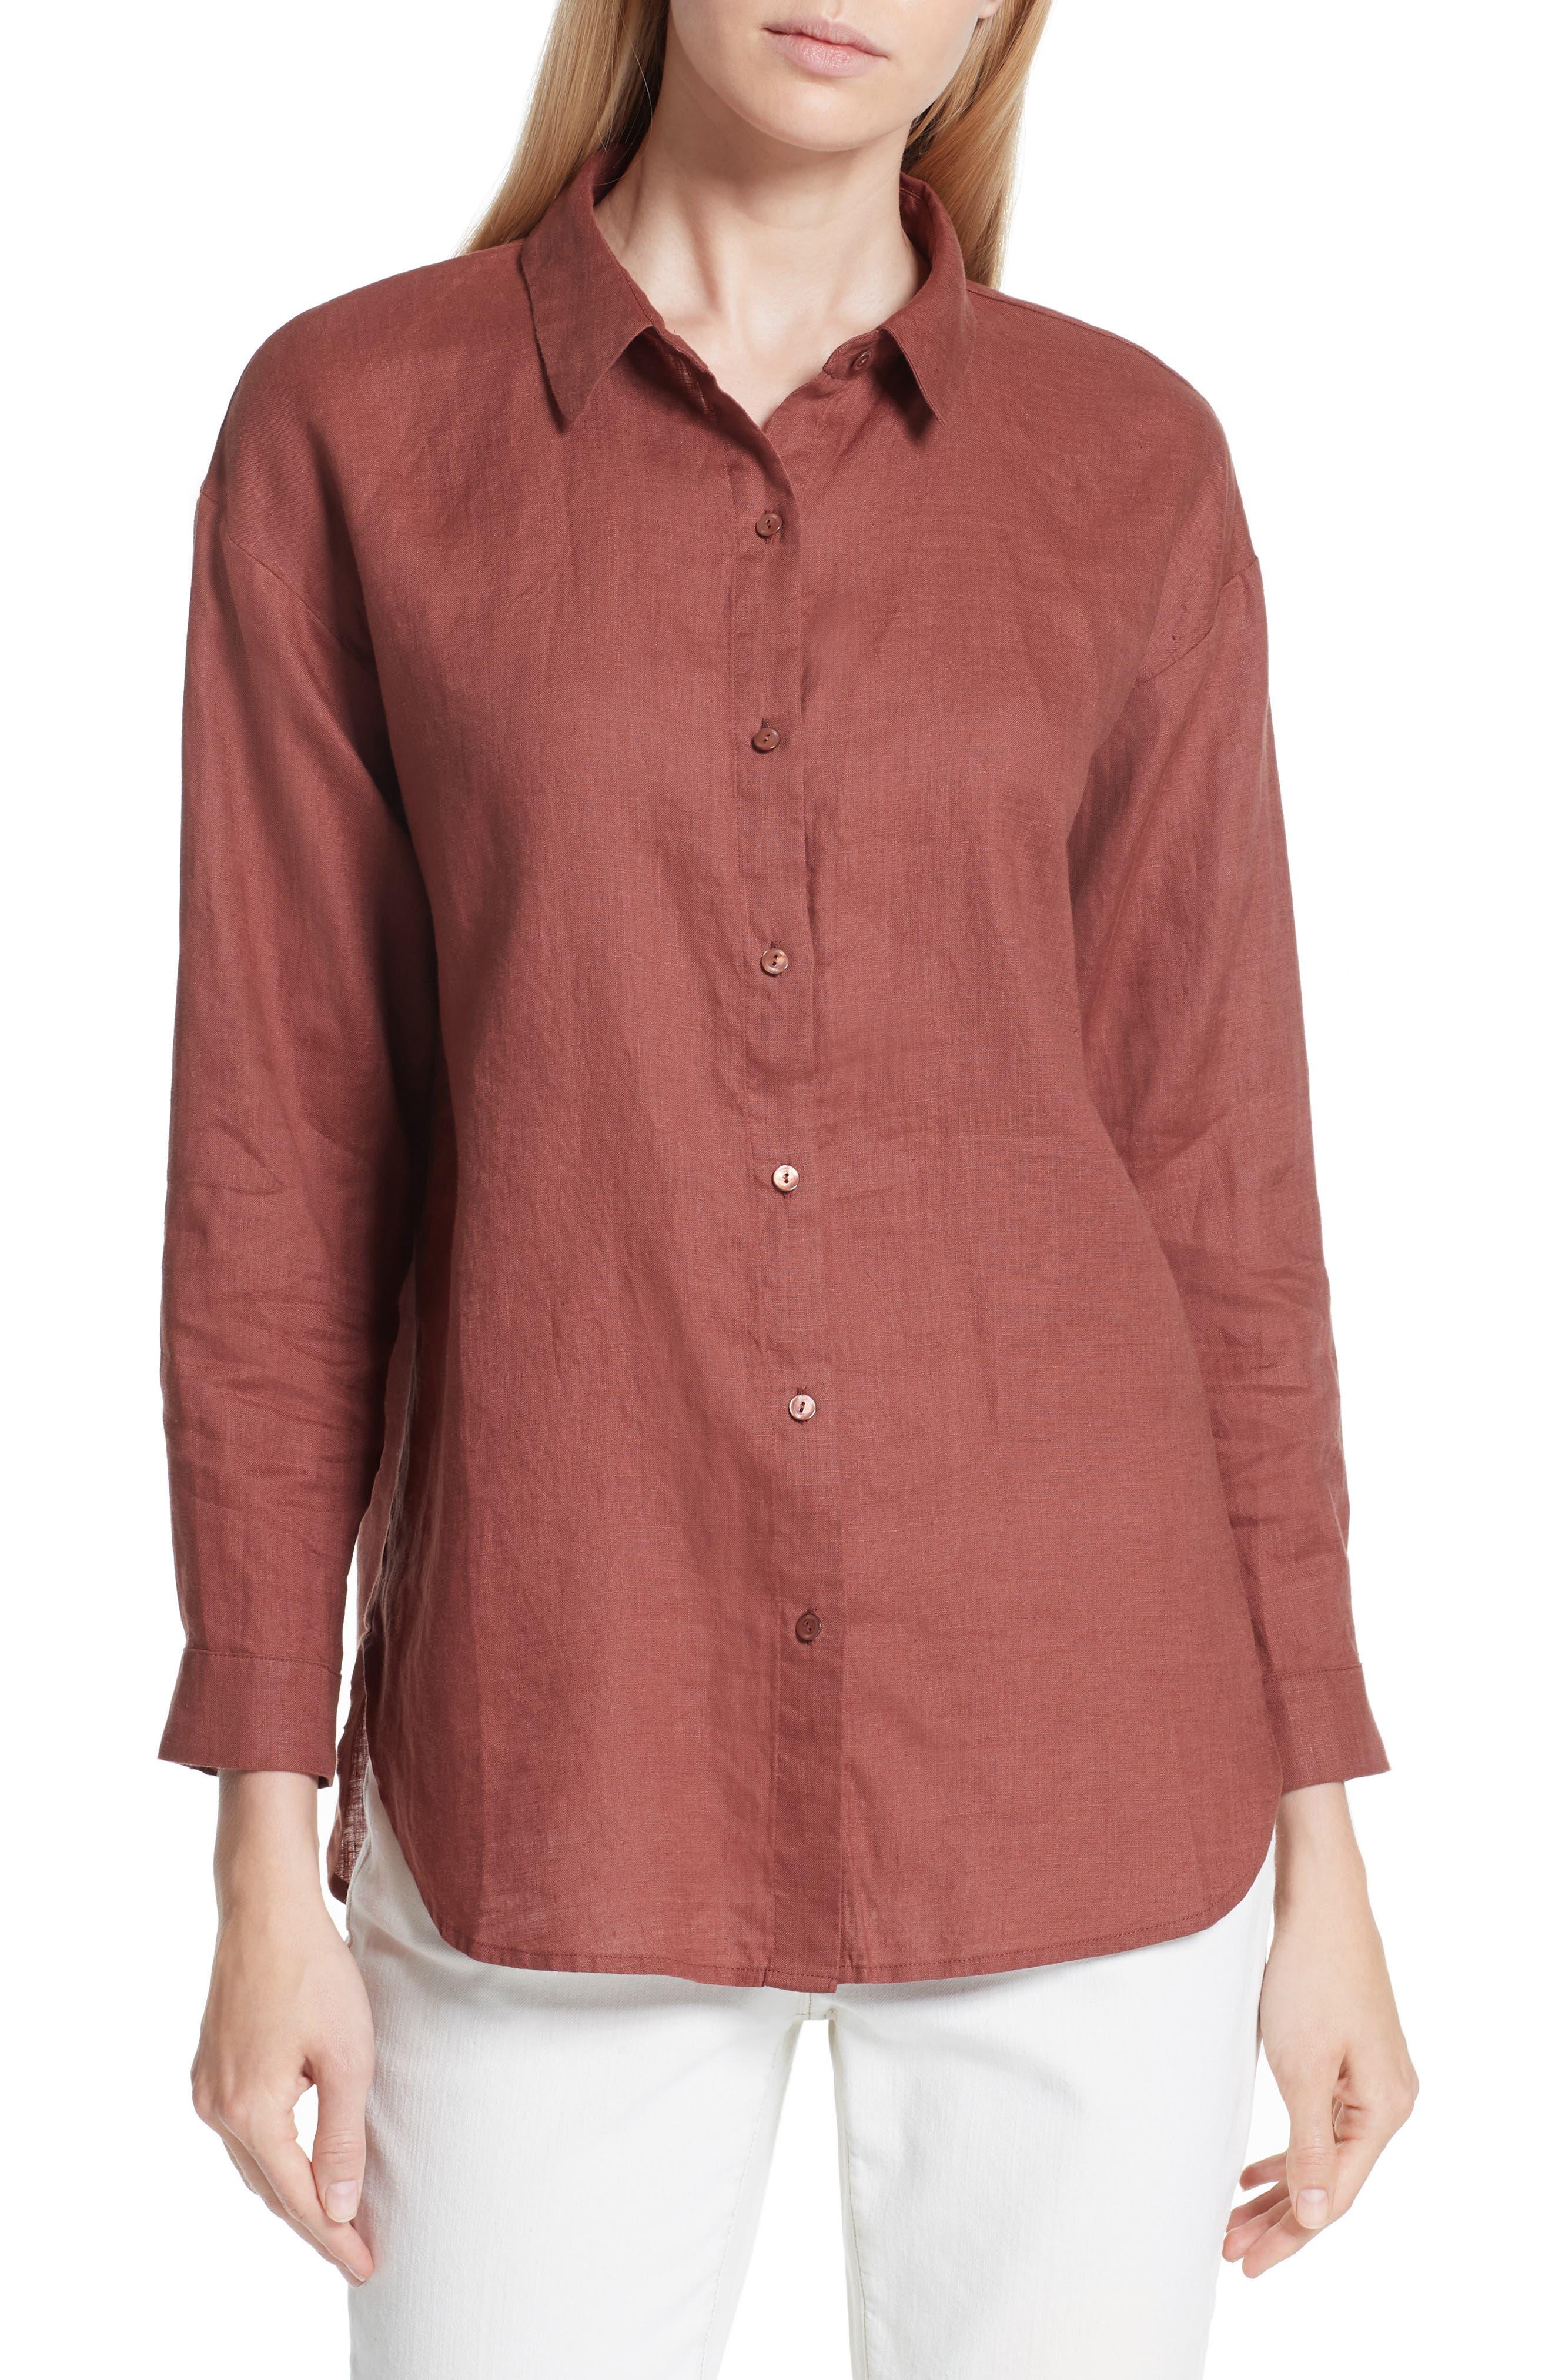 Eileen Fisher Classic Collar Linen Shirt (Petite)